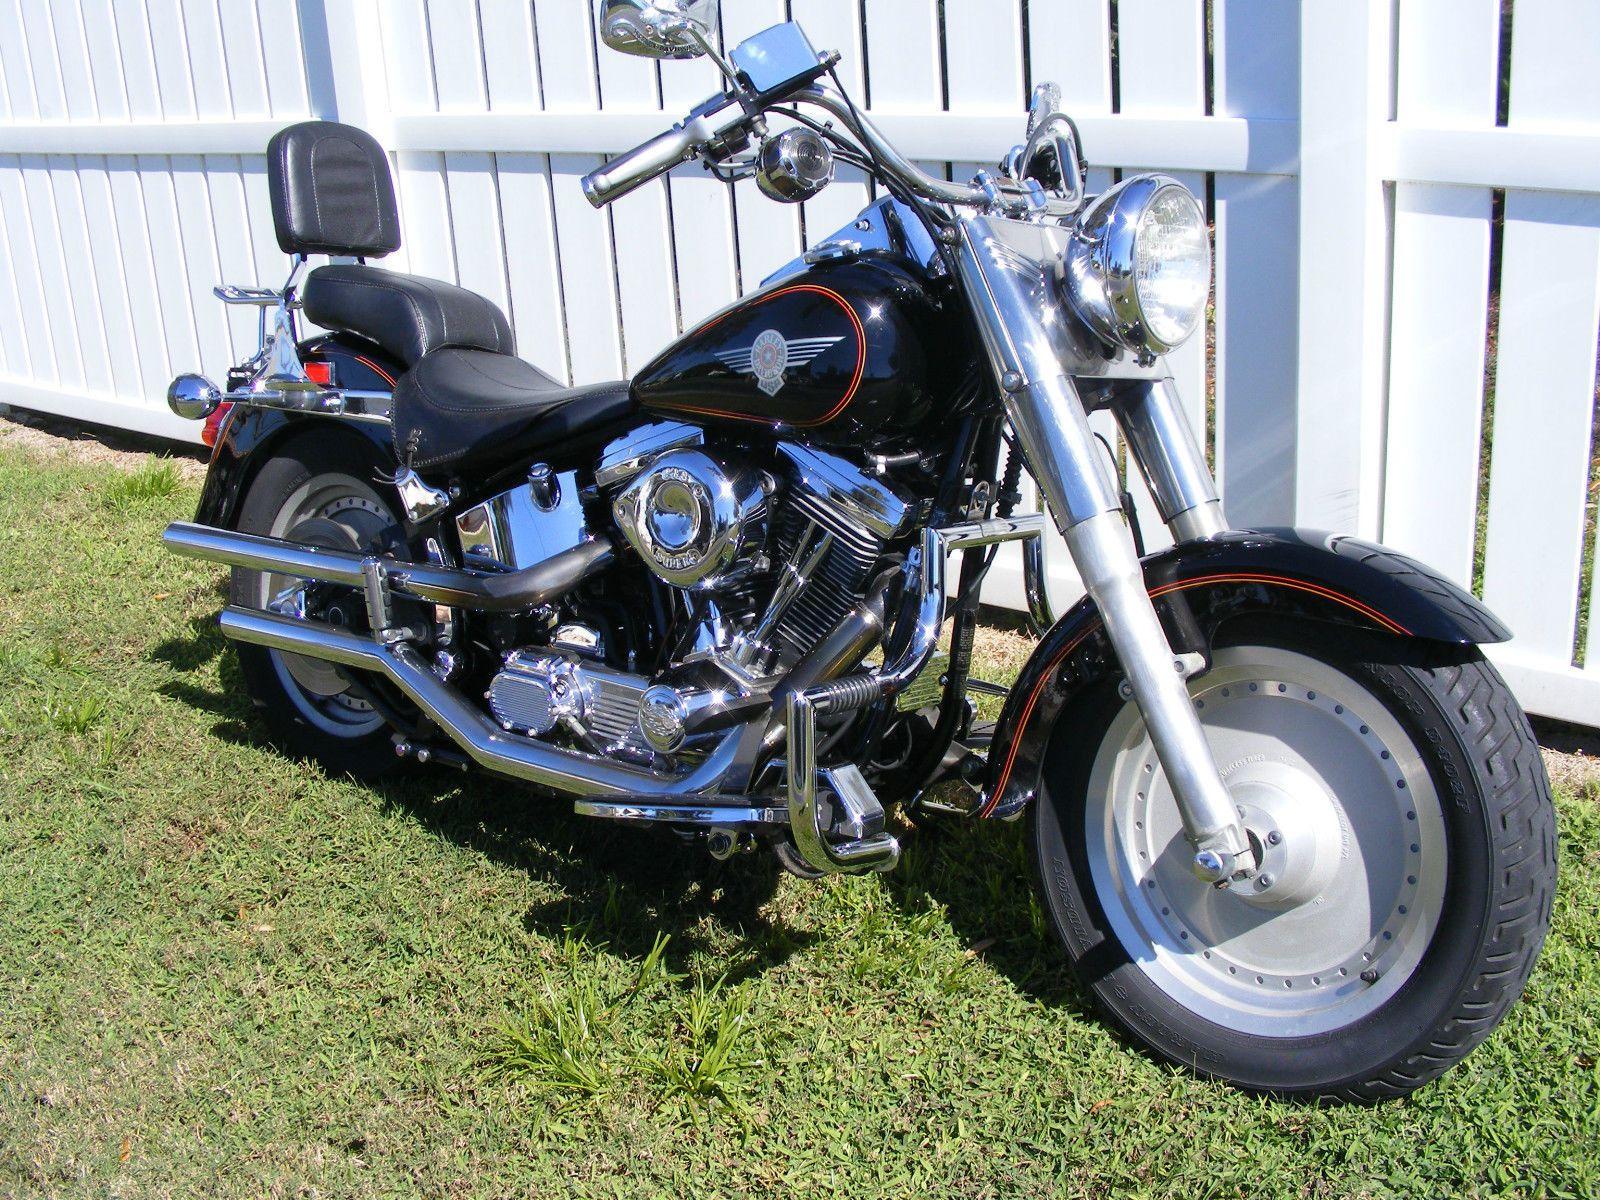 Custom Built Motorcycles Bobber 86 883 Harley Sportster Bobber